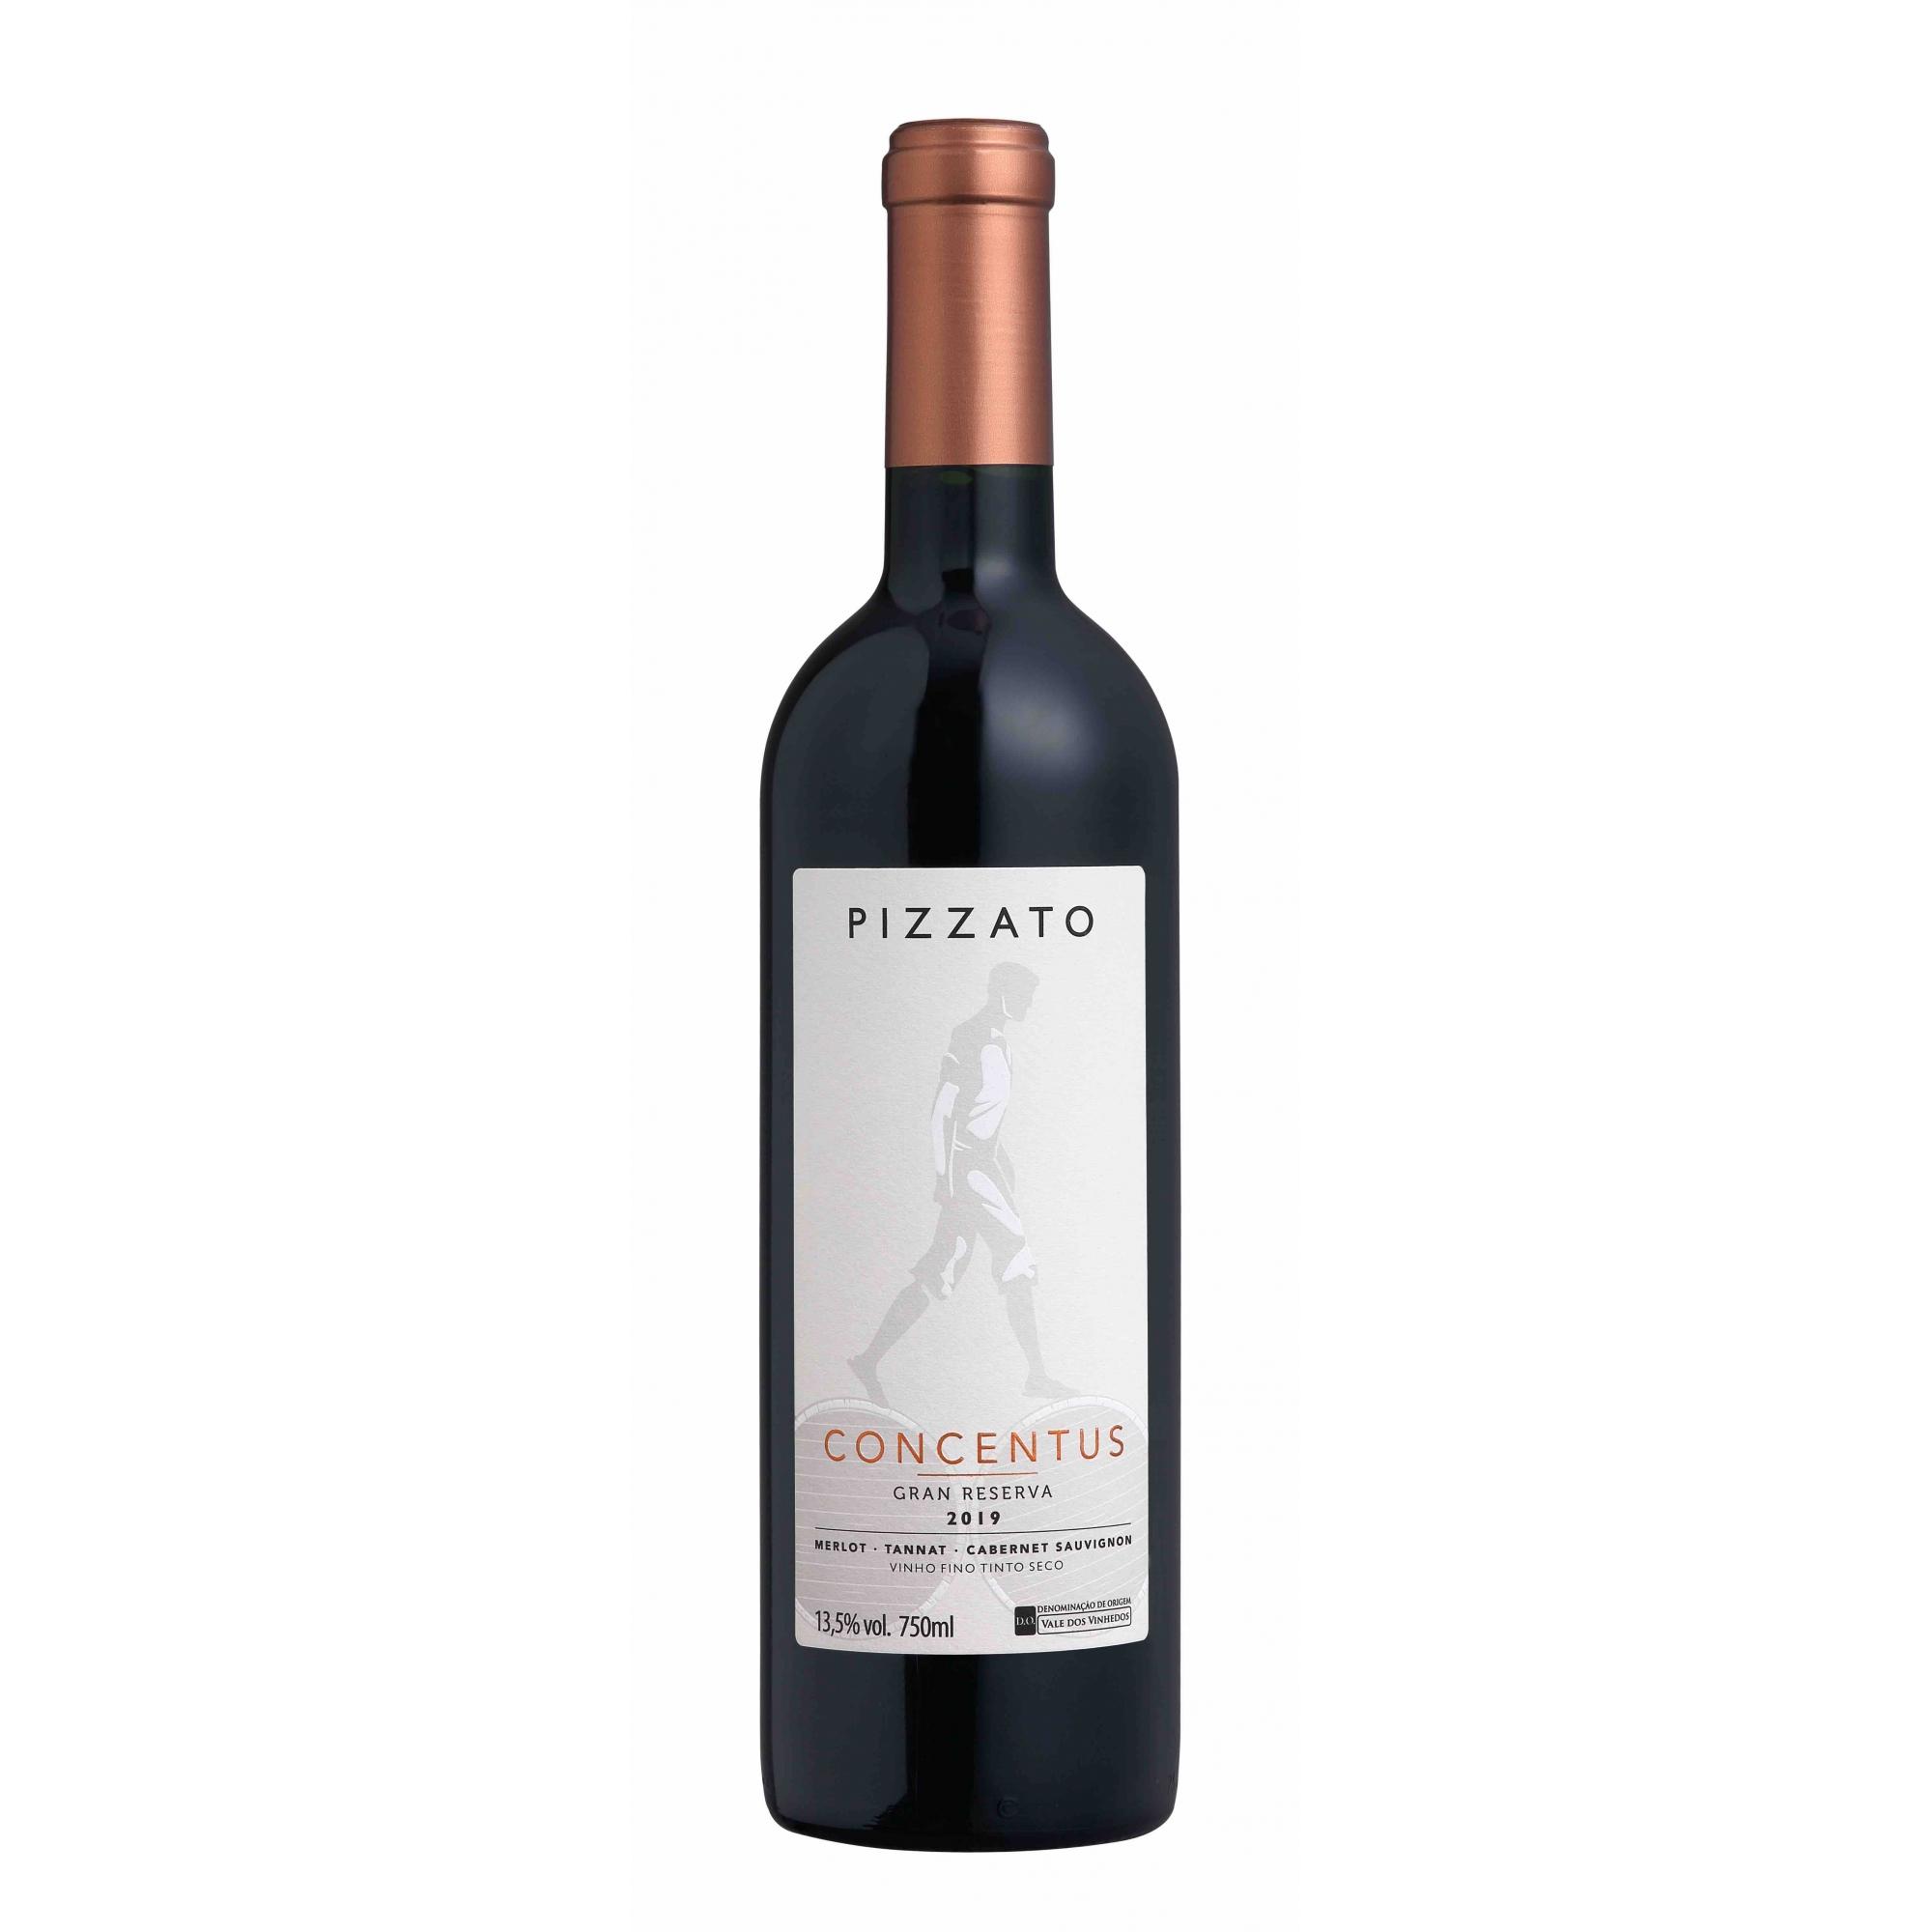 Pizzato Gran Reserva Concentus 2019 750ml